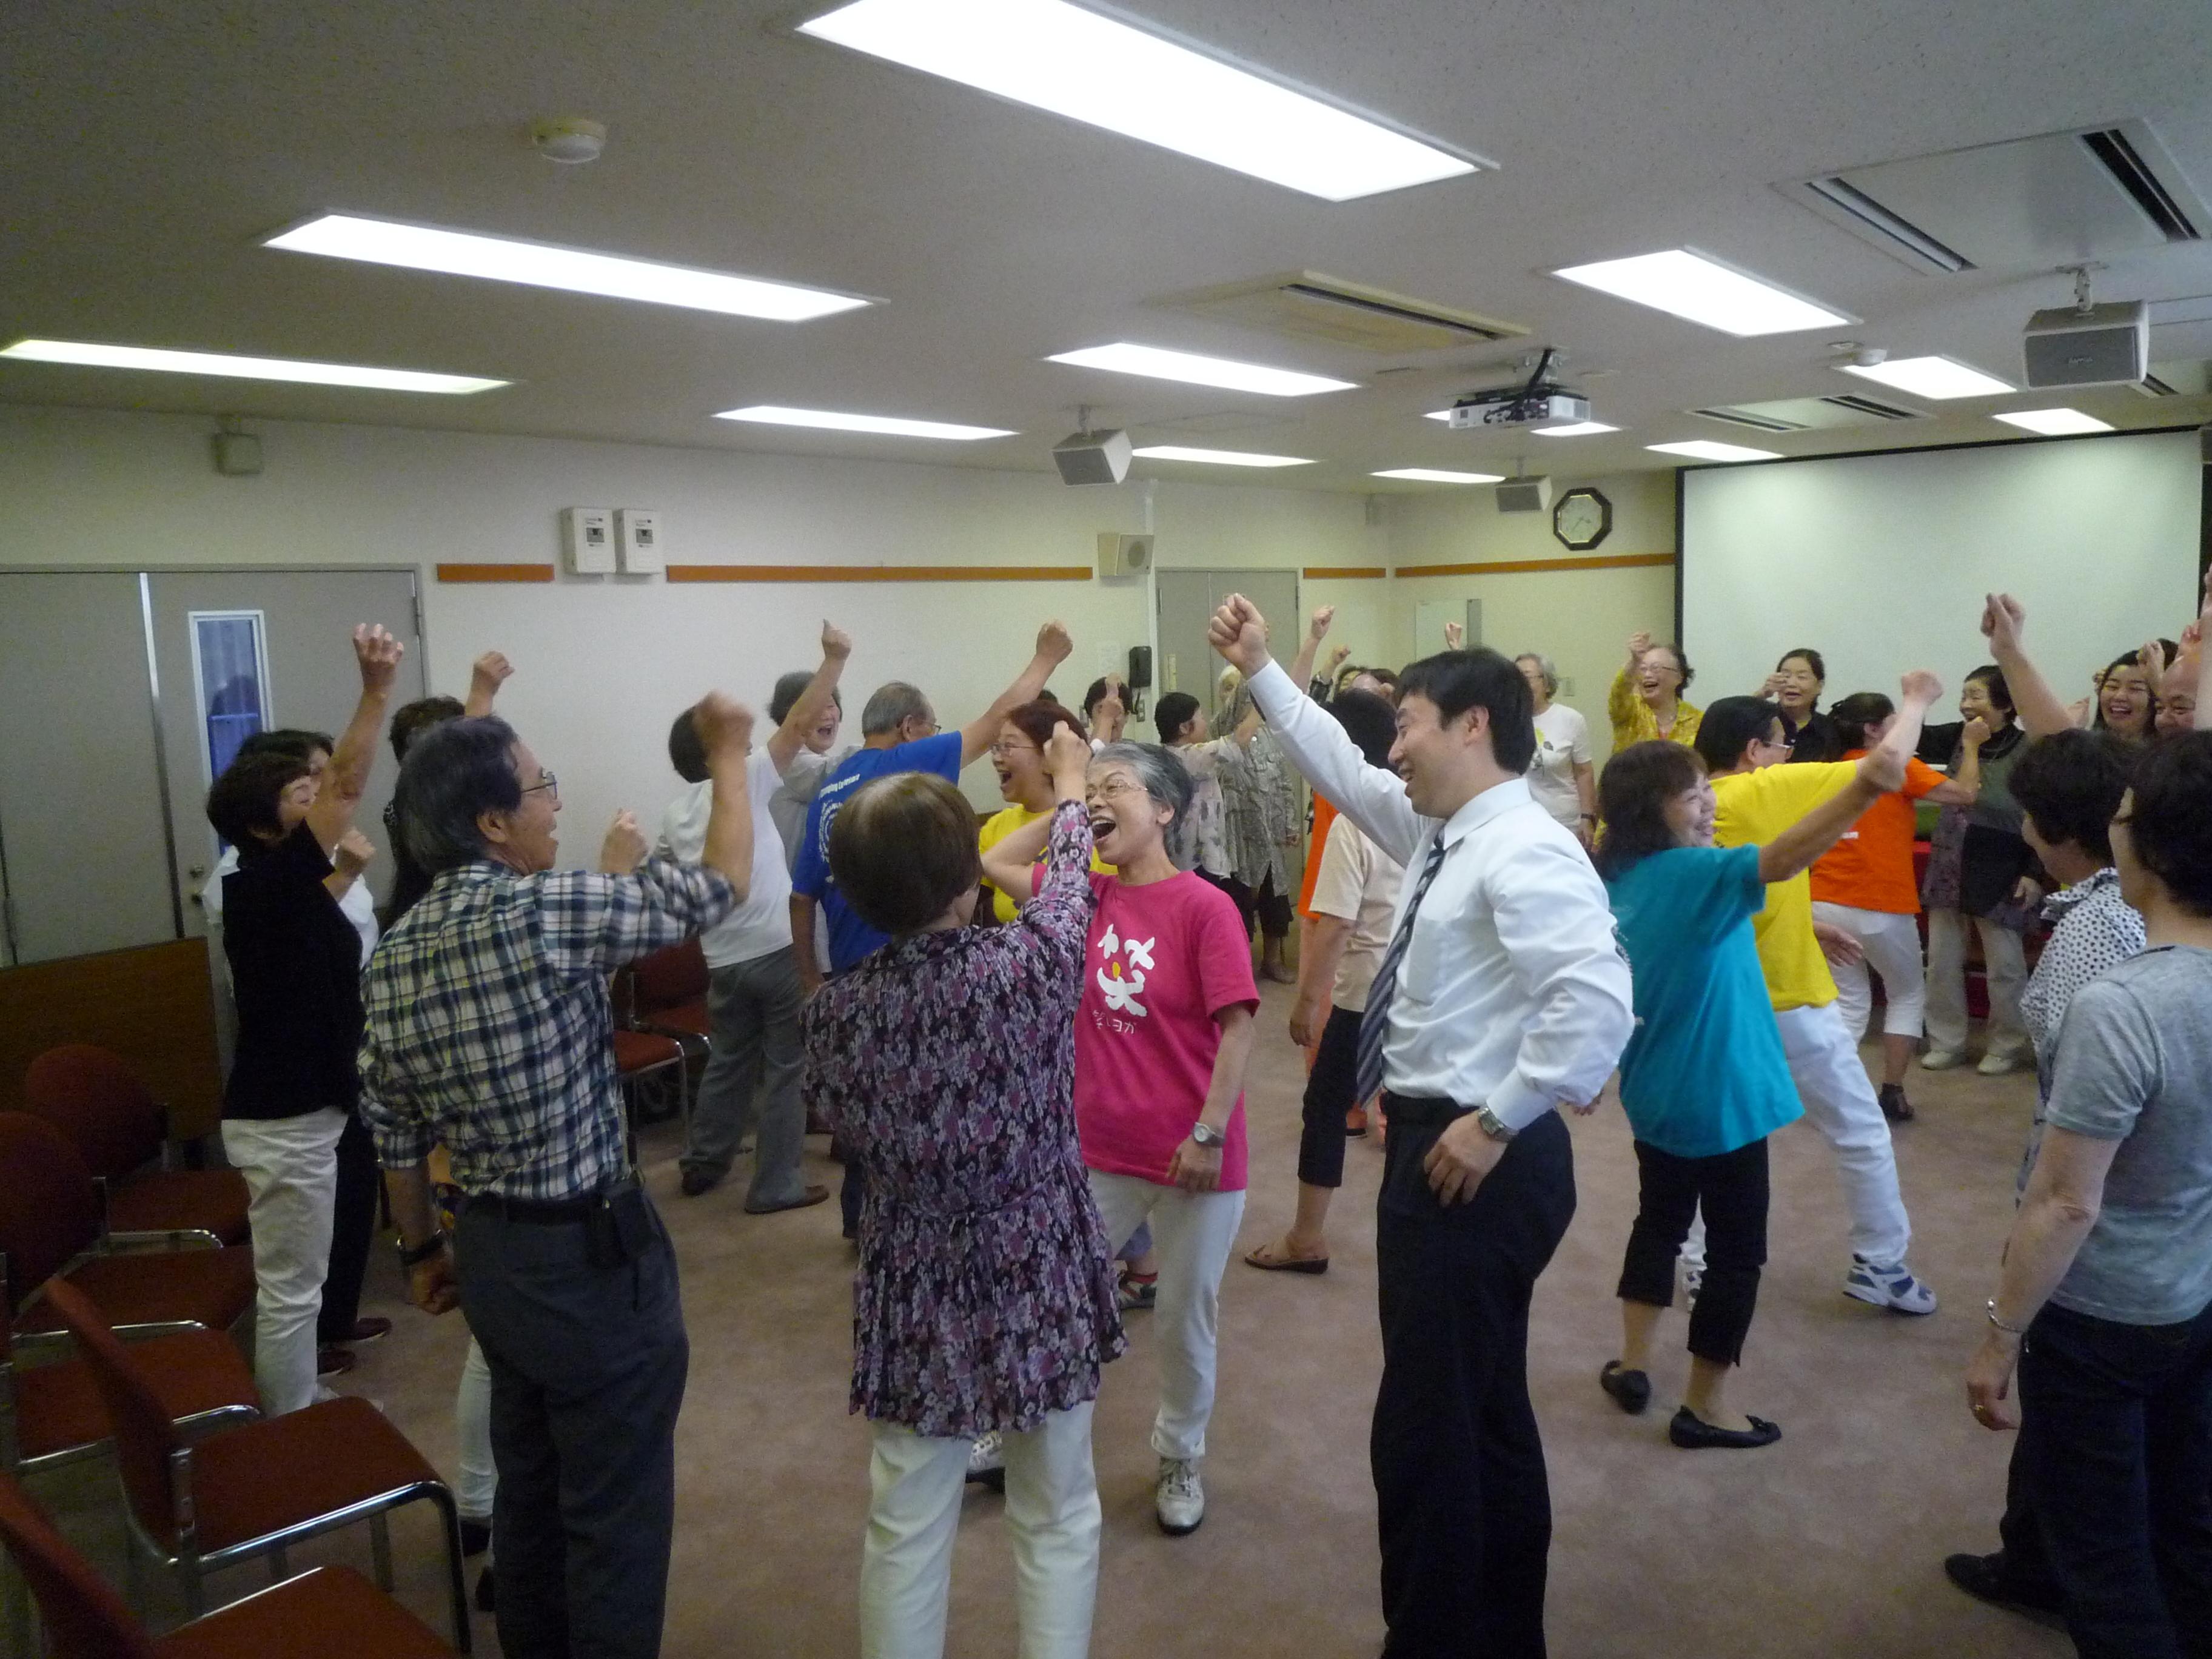 大平先生が『笑いヨガ』の詳細を知ることになった日本笑い学会とは、笑いとユーモアに関する総合的な研究を行う研究団体。約30年の歴史を誇り、医療関係者、教育関係者、弁護士や僧侶まで約800名の会員が所属。本拠地は大阪ですが、お笑いは研究していませんのでご注意を。写真はヨガを用いた健康教室の様子